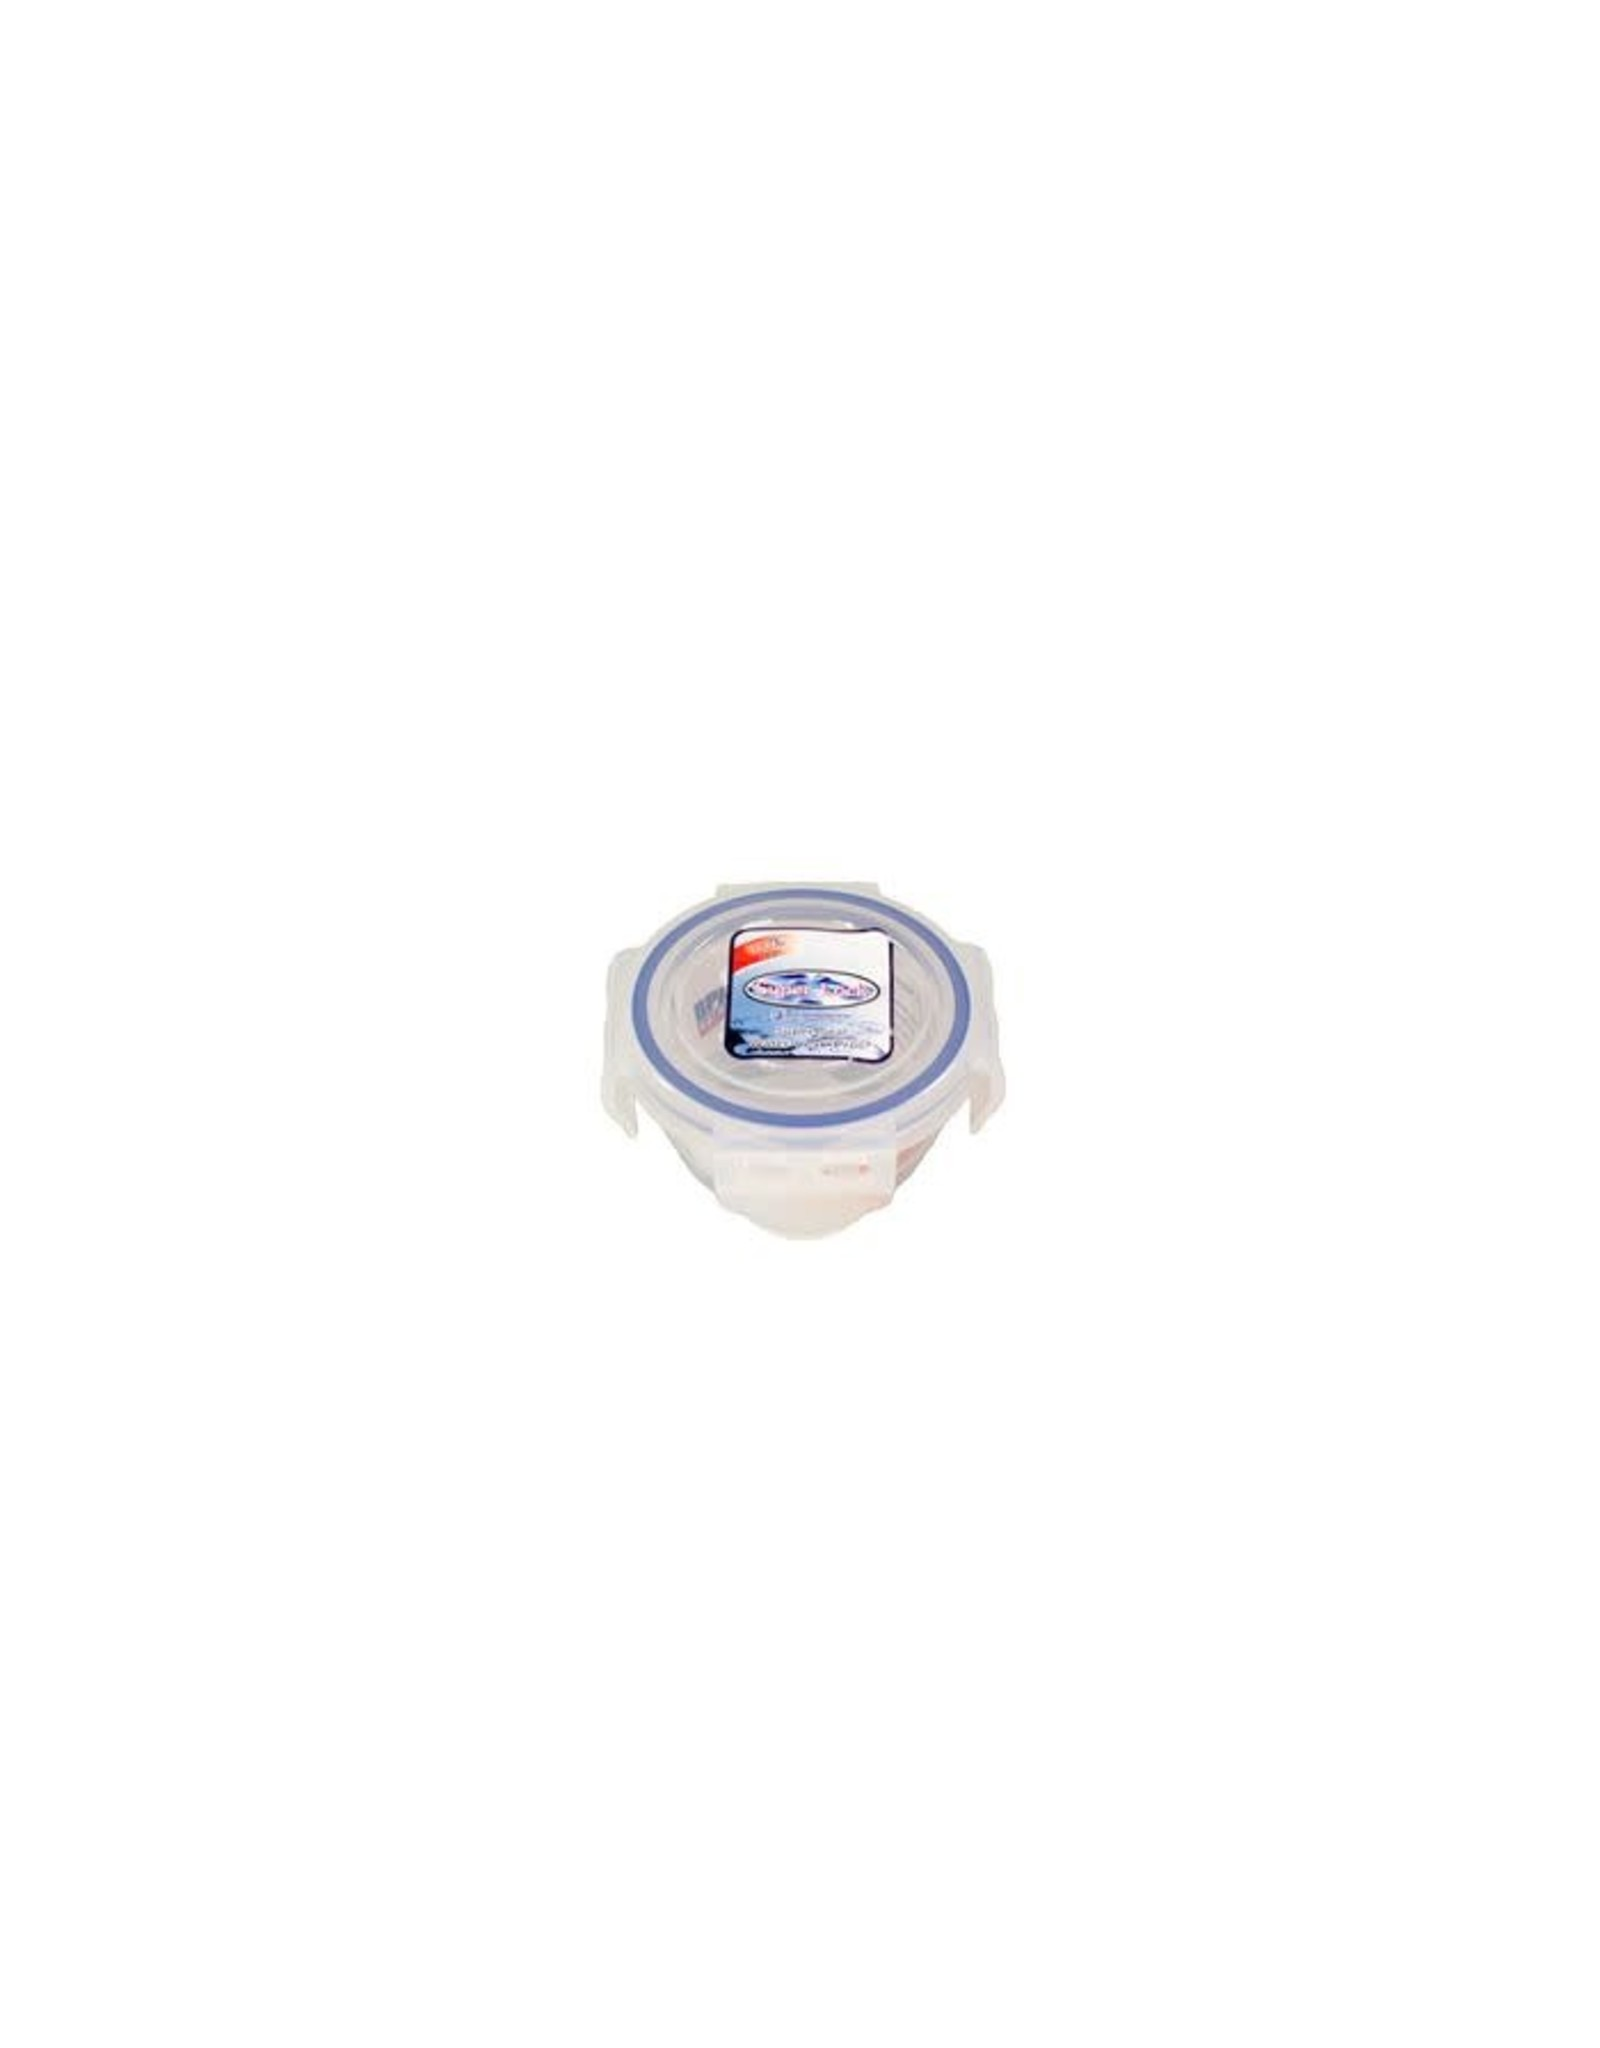 Super Lock Super Lock Container Round BPA Free